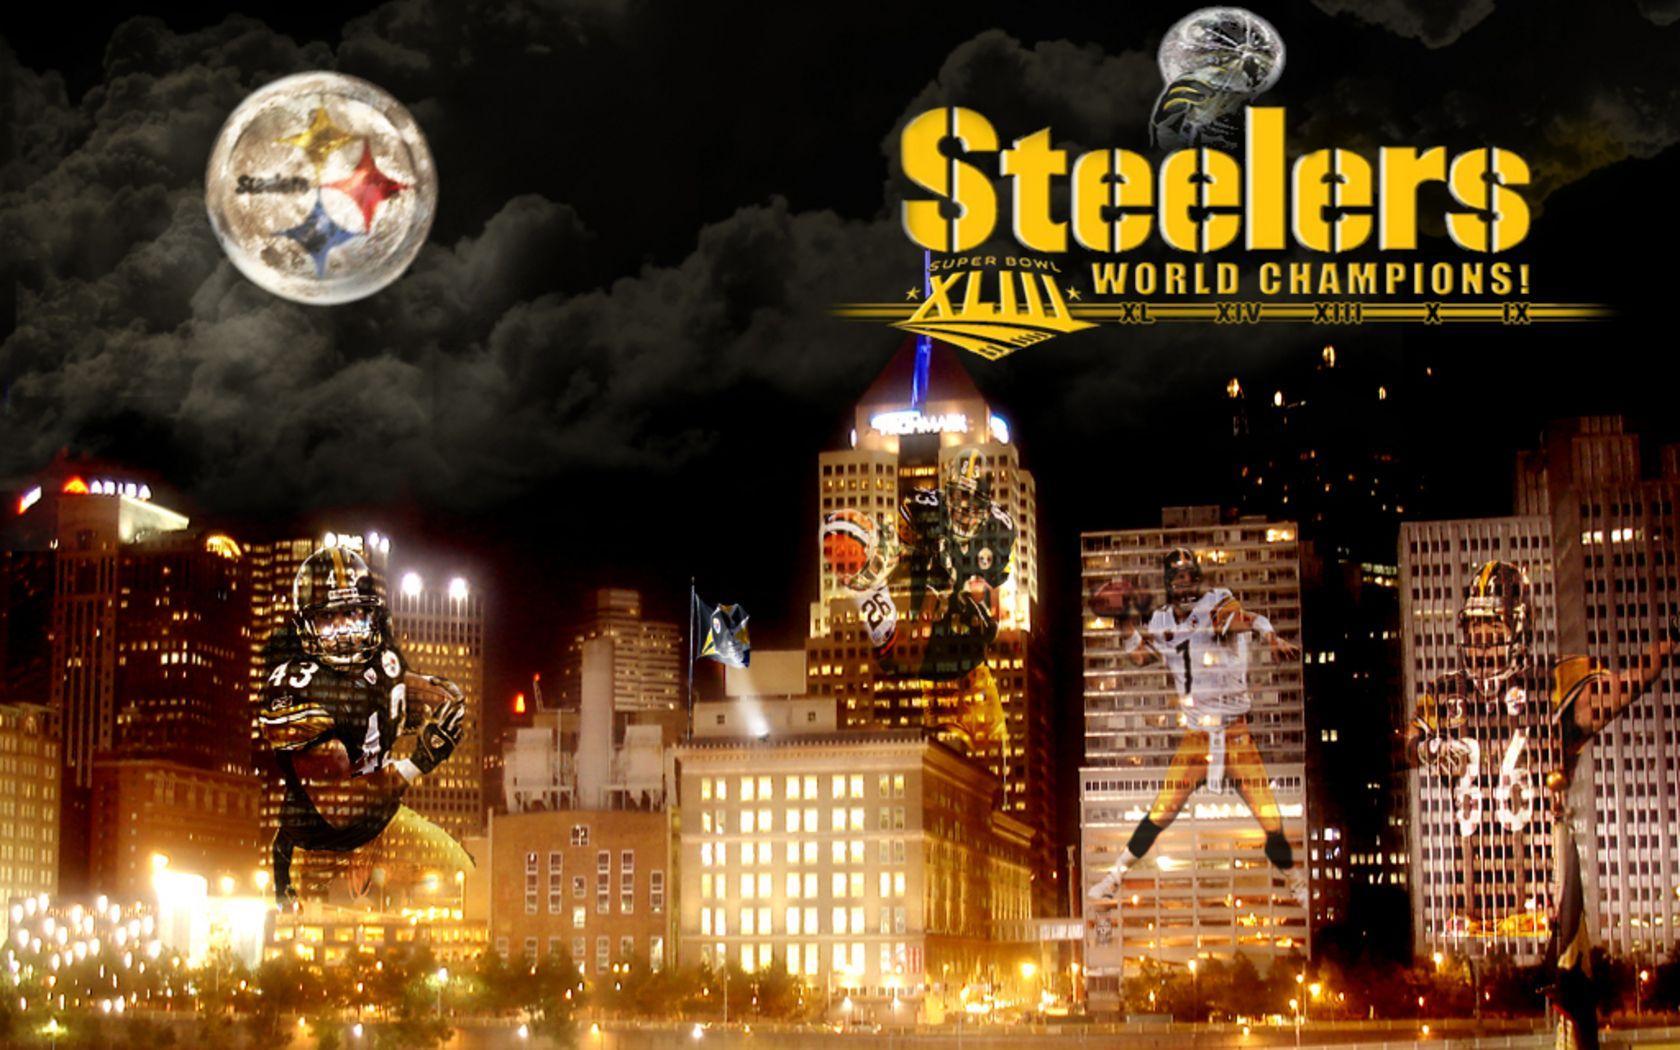 Steelers Wallpapers - Top Free Steelers